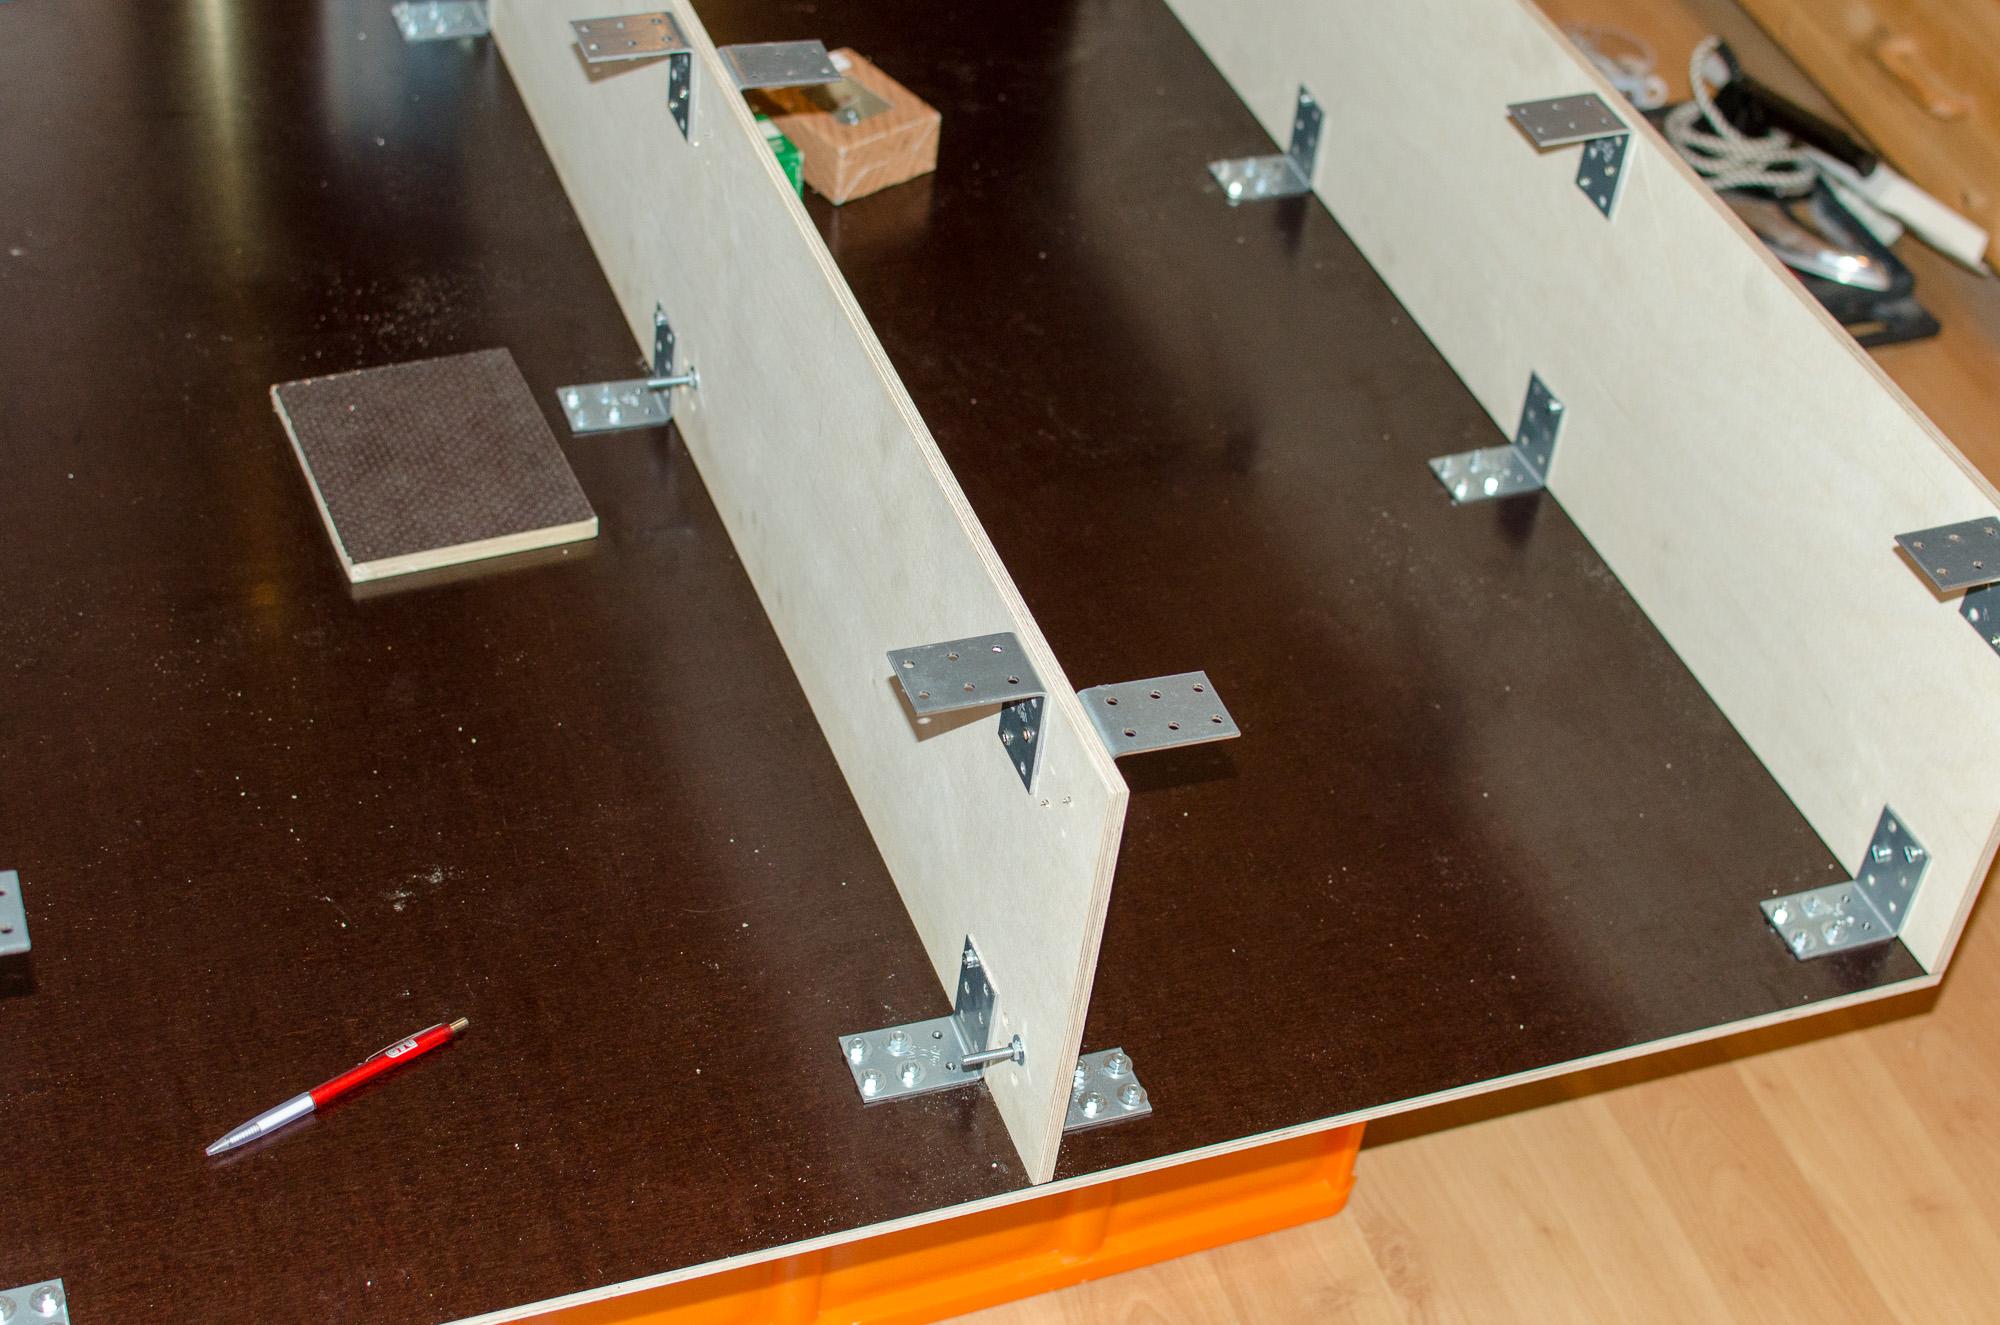 cruiser tagebuch schubladen reloaded september 2013. Black Bedroom Furniture Sets. Home Design Ideas